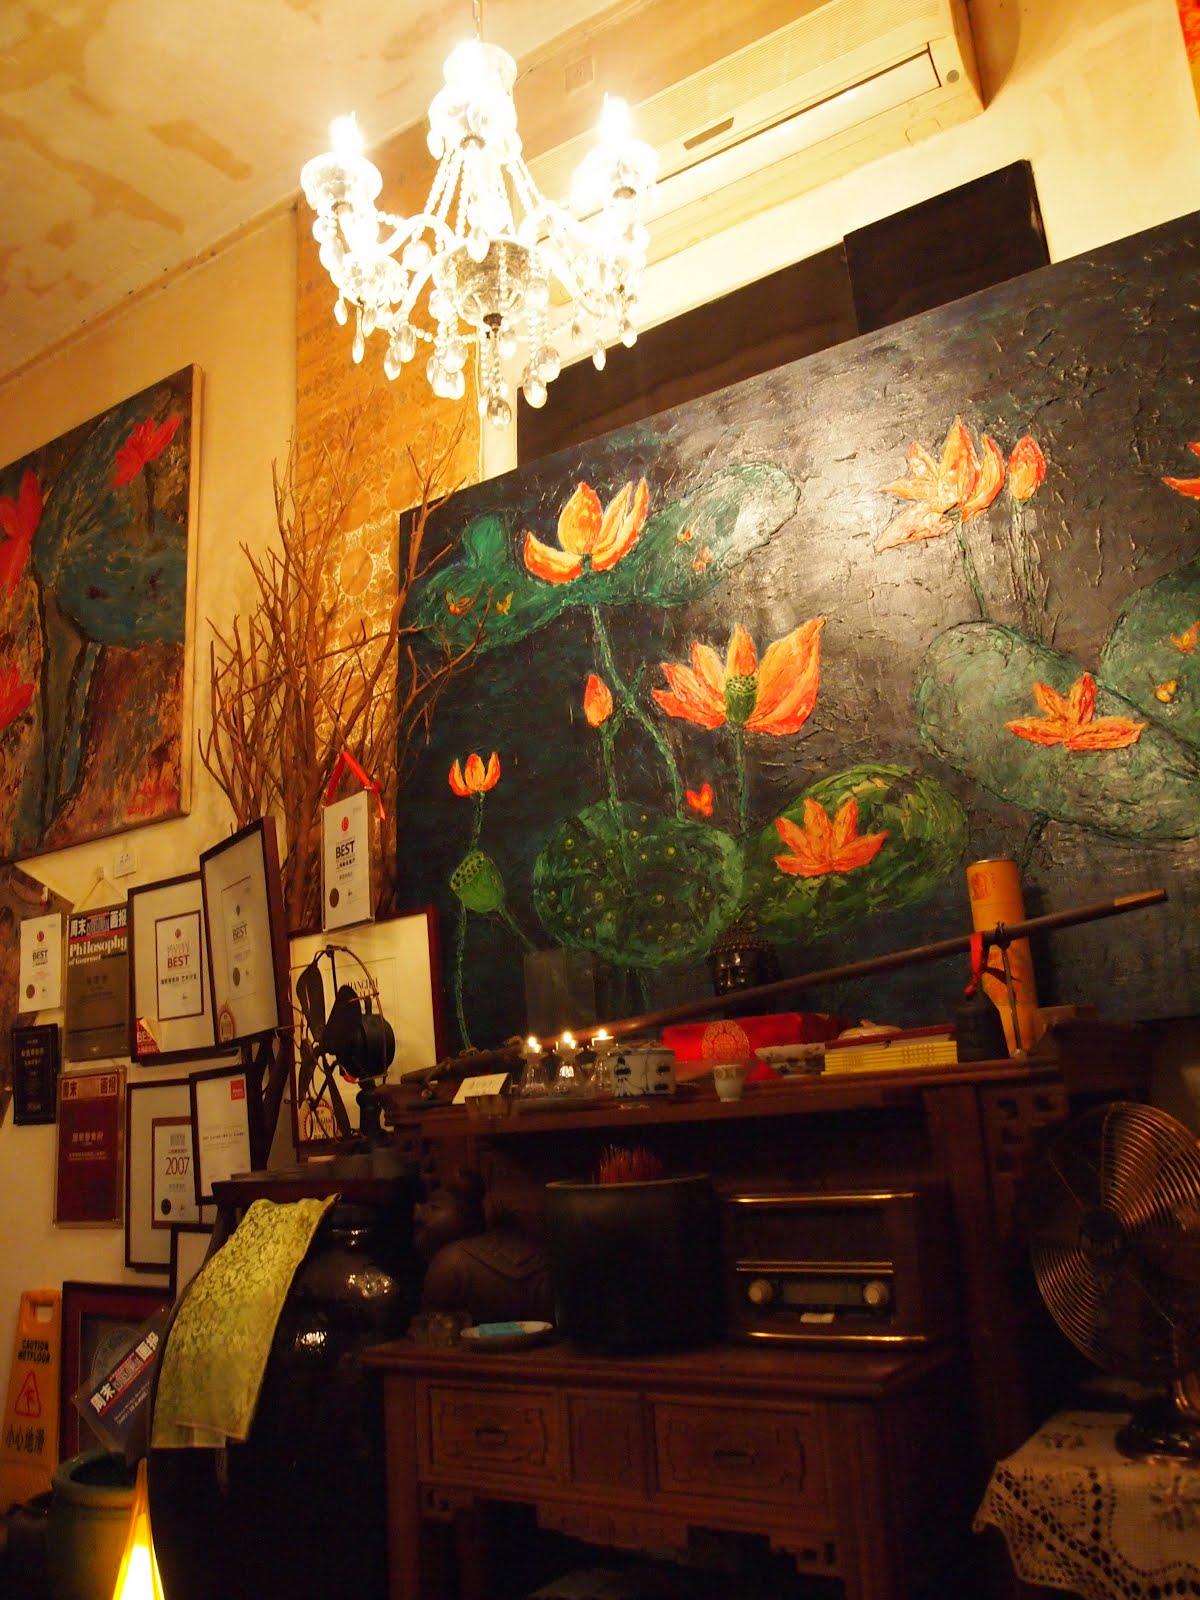 Candy Stripes And Rainbow Dreams: Art Salon Restaurant